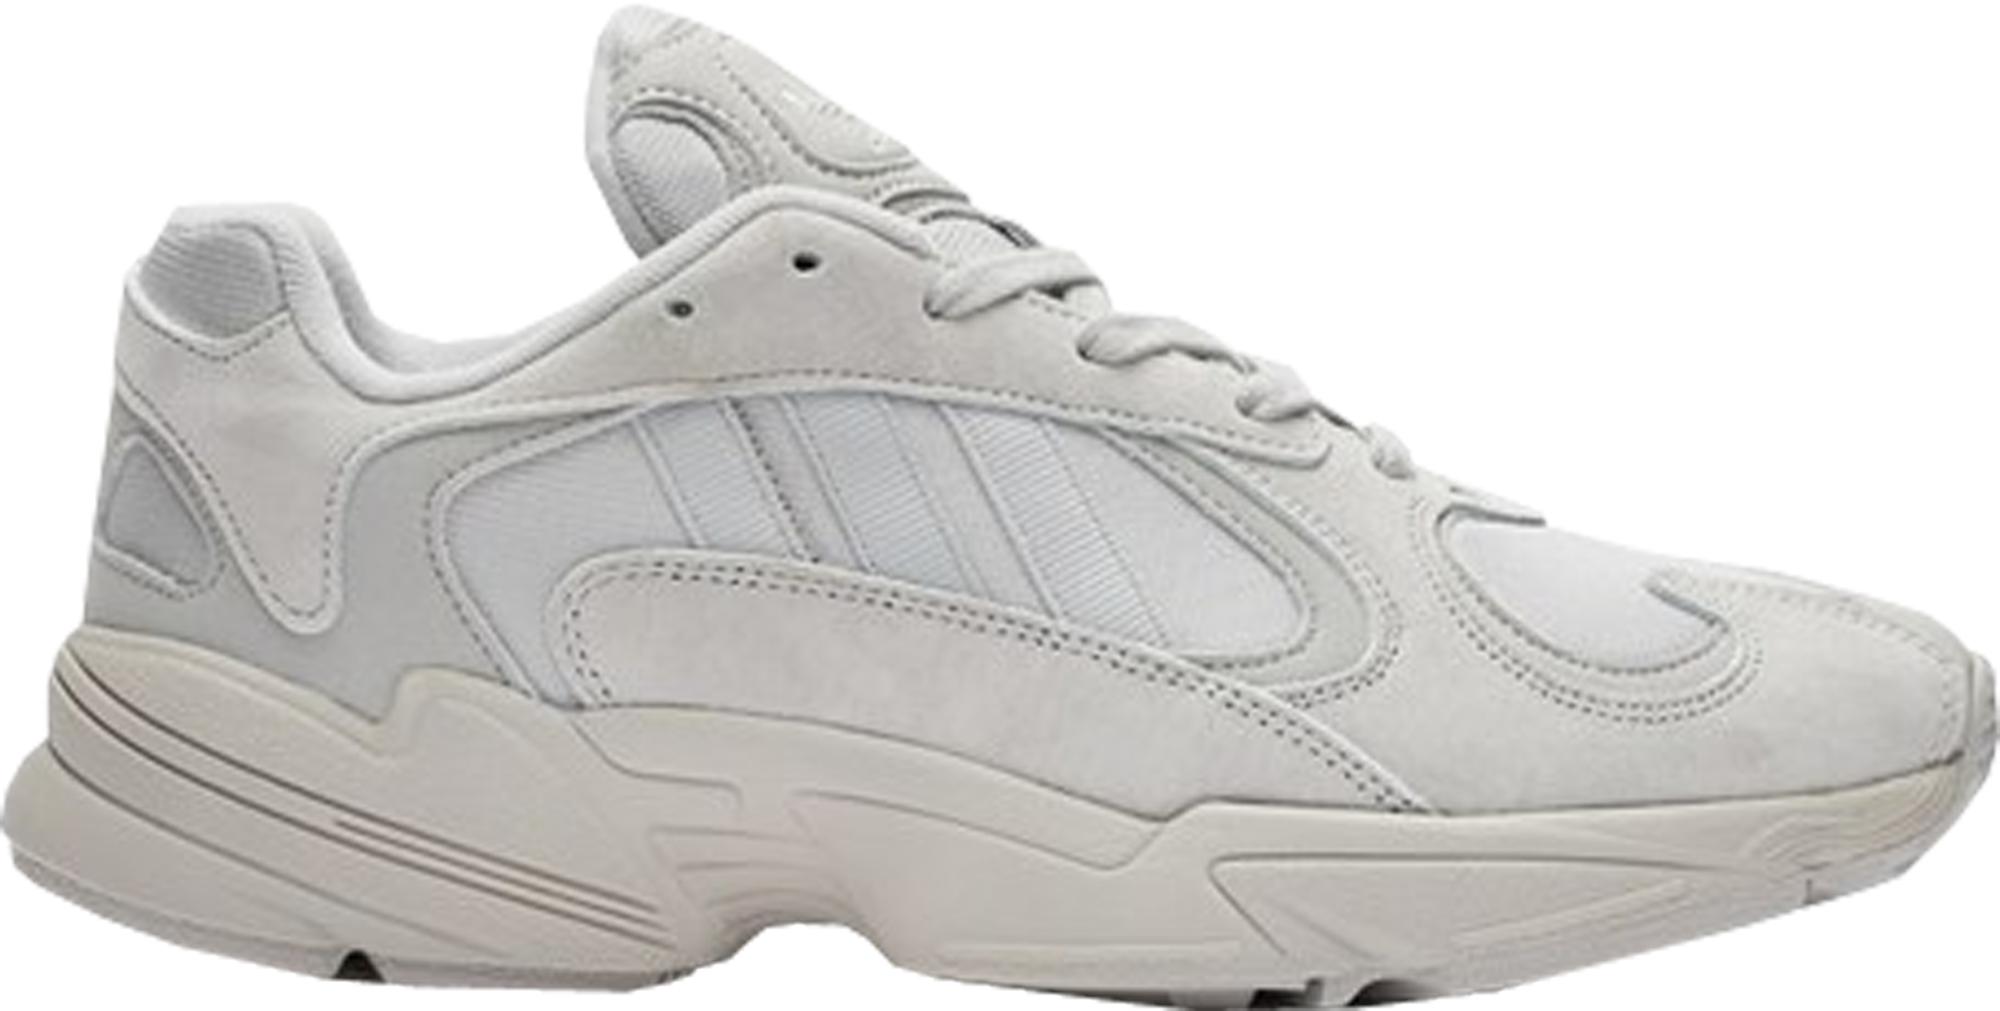 adidas Yung-1 Triple Grey